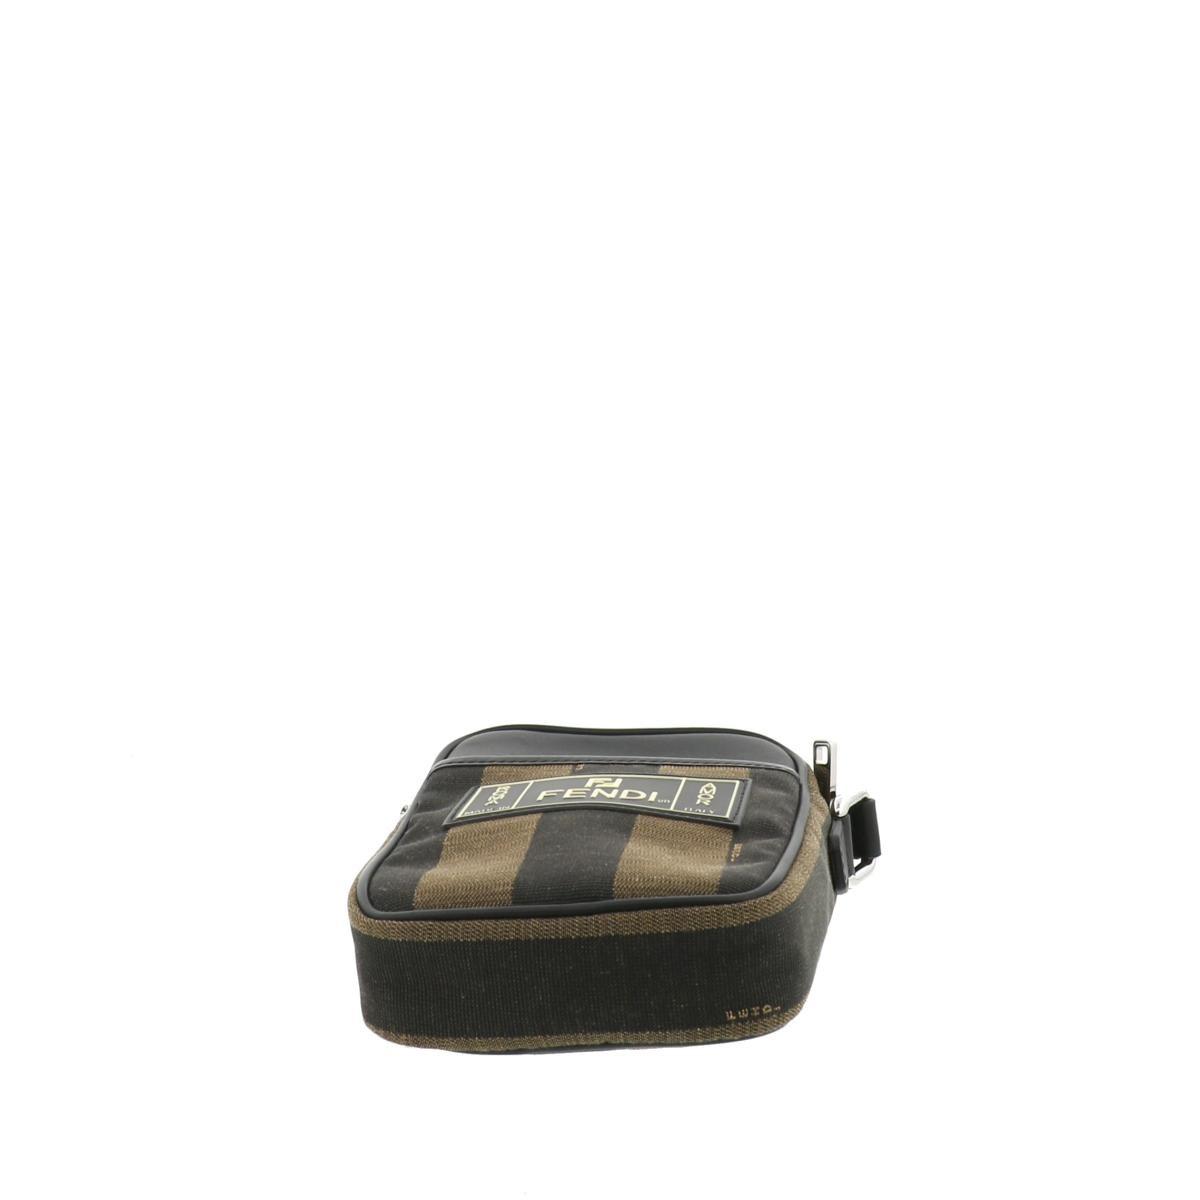 【美品】フェンディ ペカン ショルダーバッグ FENDI Pecan Shoulder Bag 7VA456